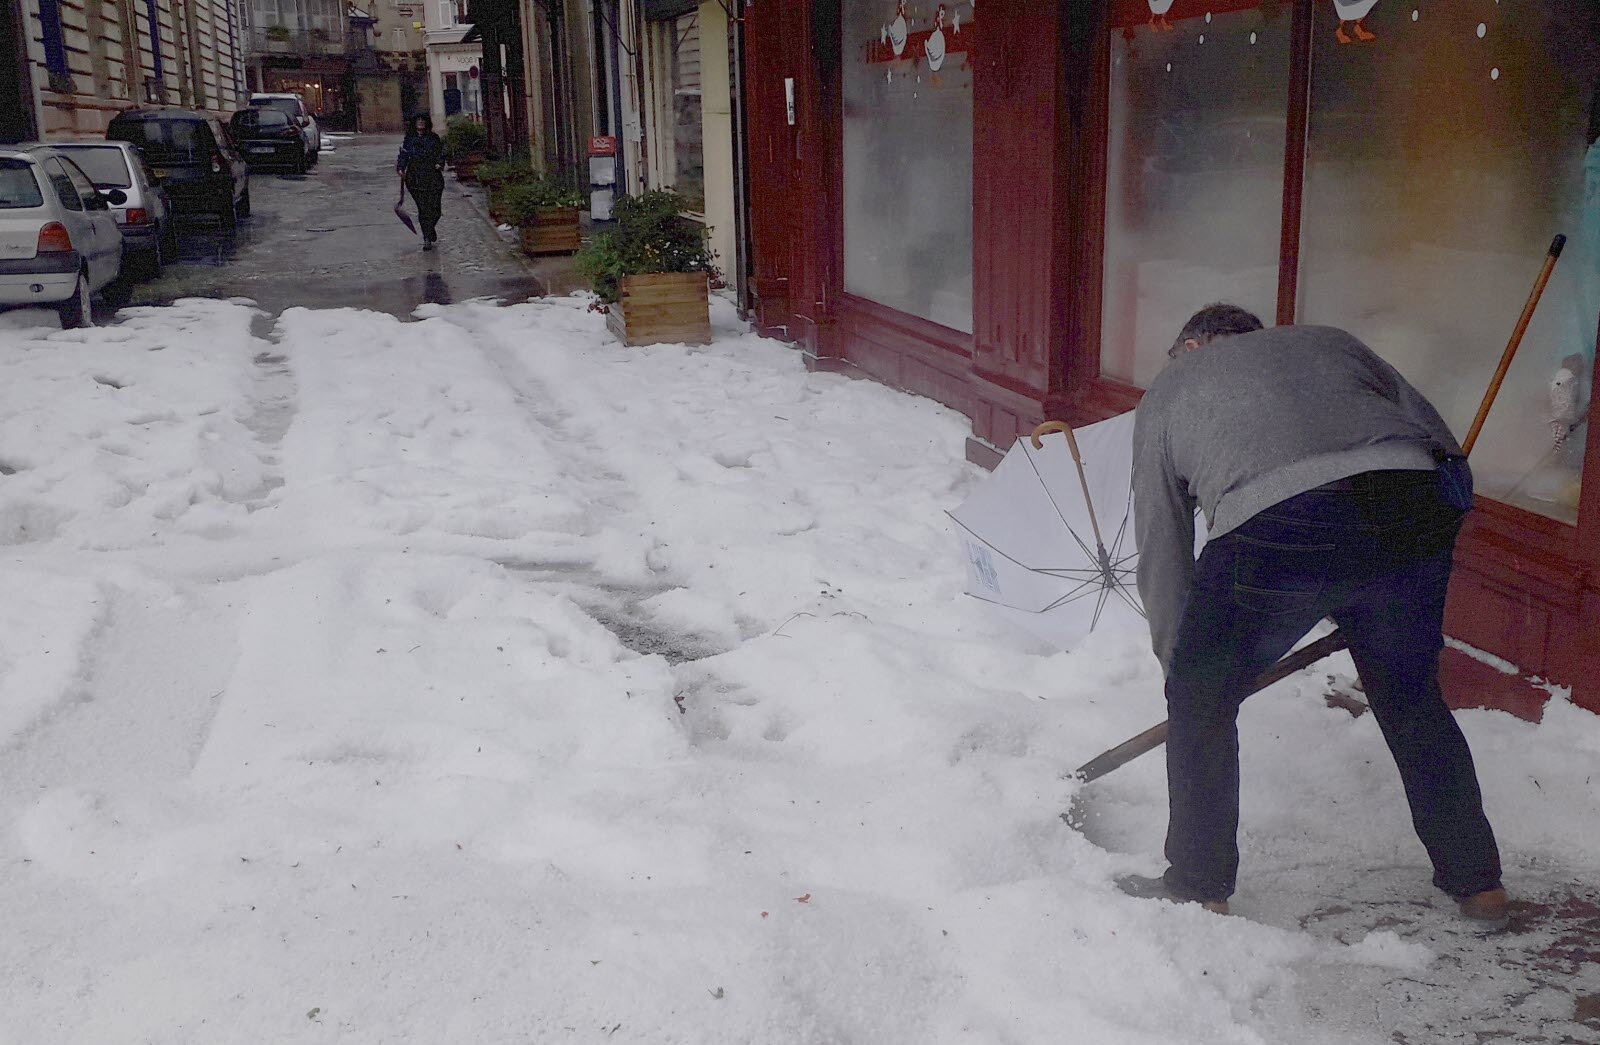 ВоФранции несколько населенных пунктов засыпало градом (ФОТО)